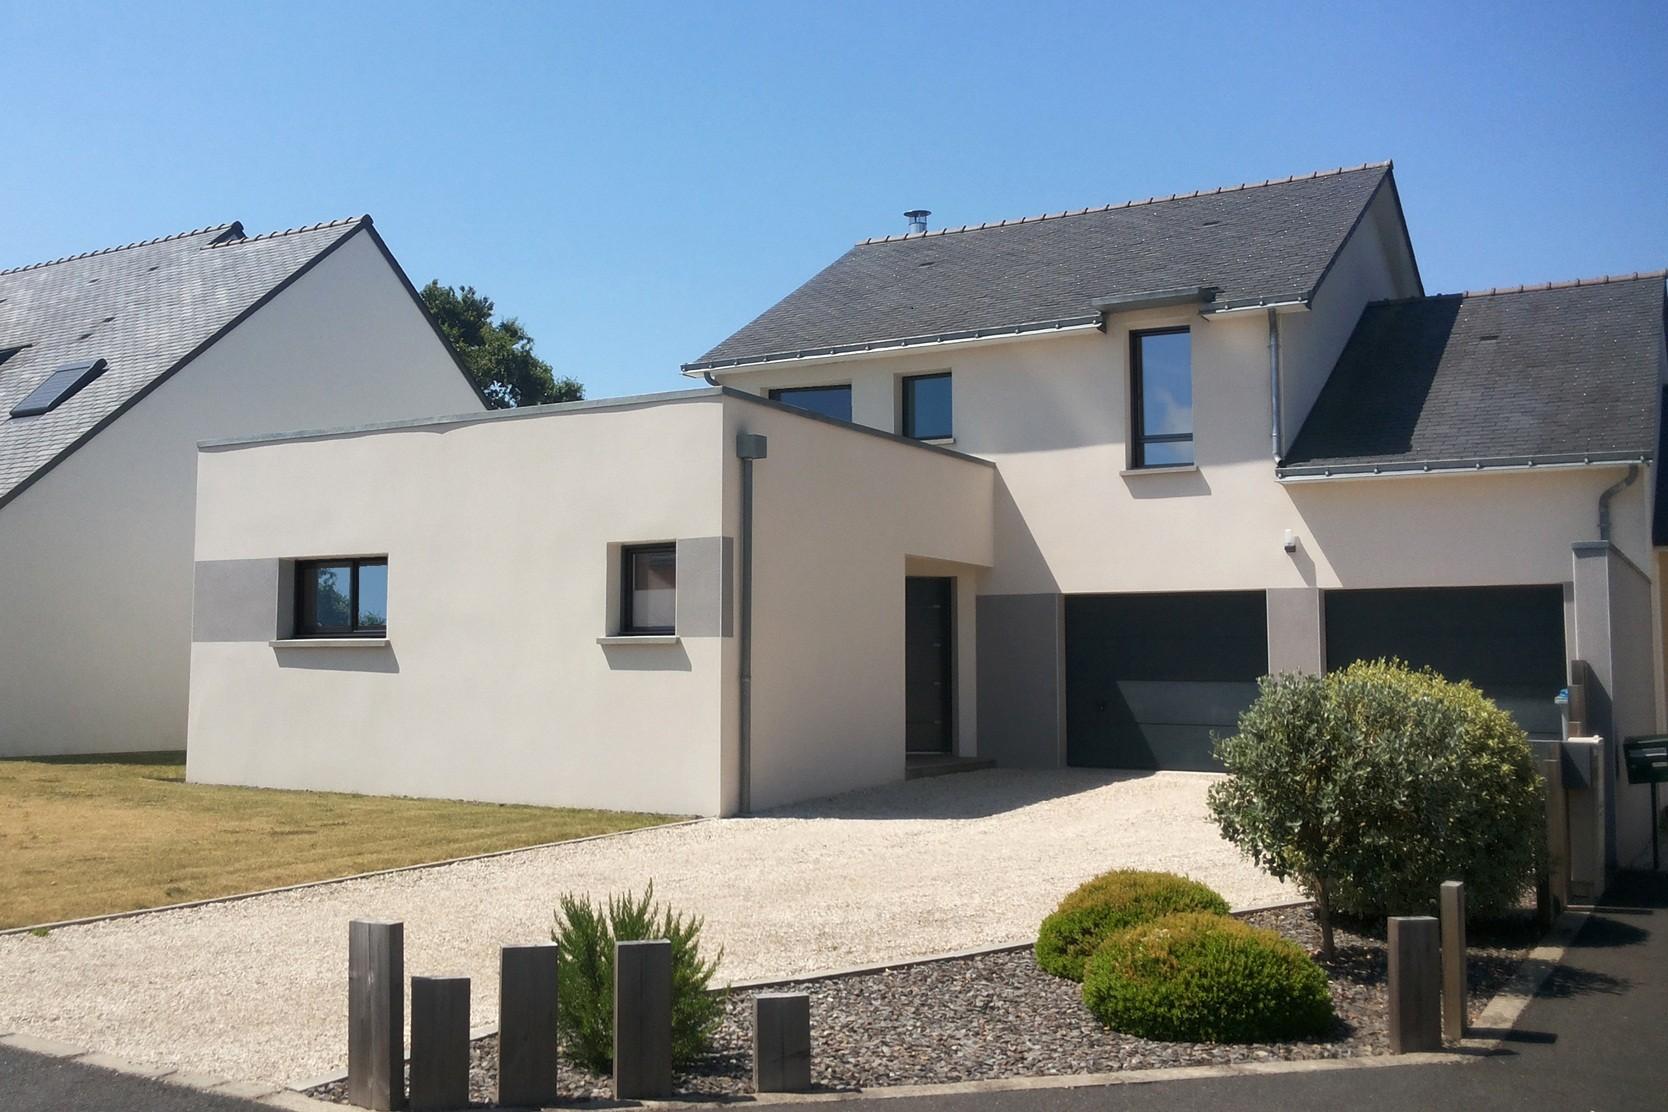 Maisons + Terrains du constructeur MAISON FAMILIALE RENNES • 130 m² • TREFFENDEL